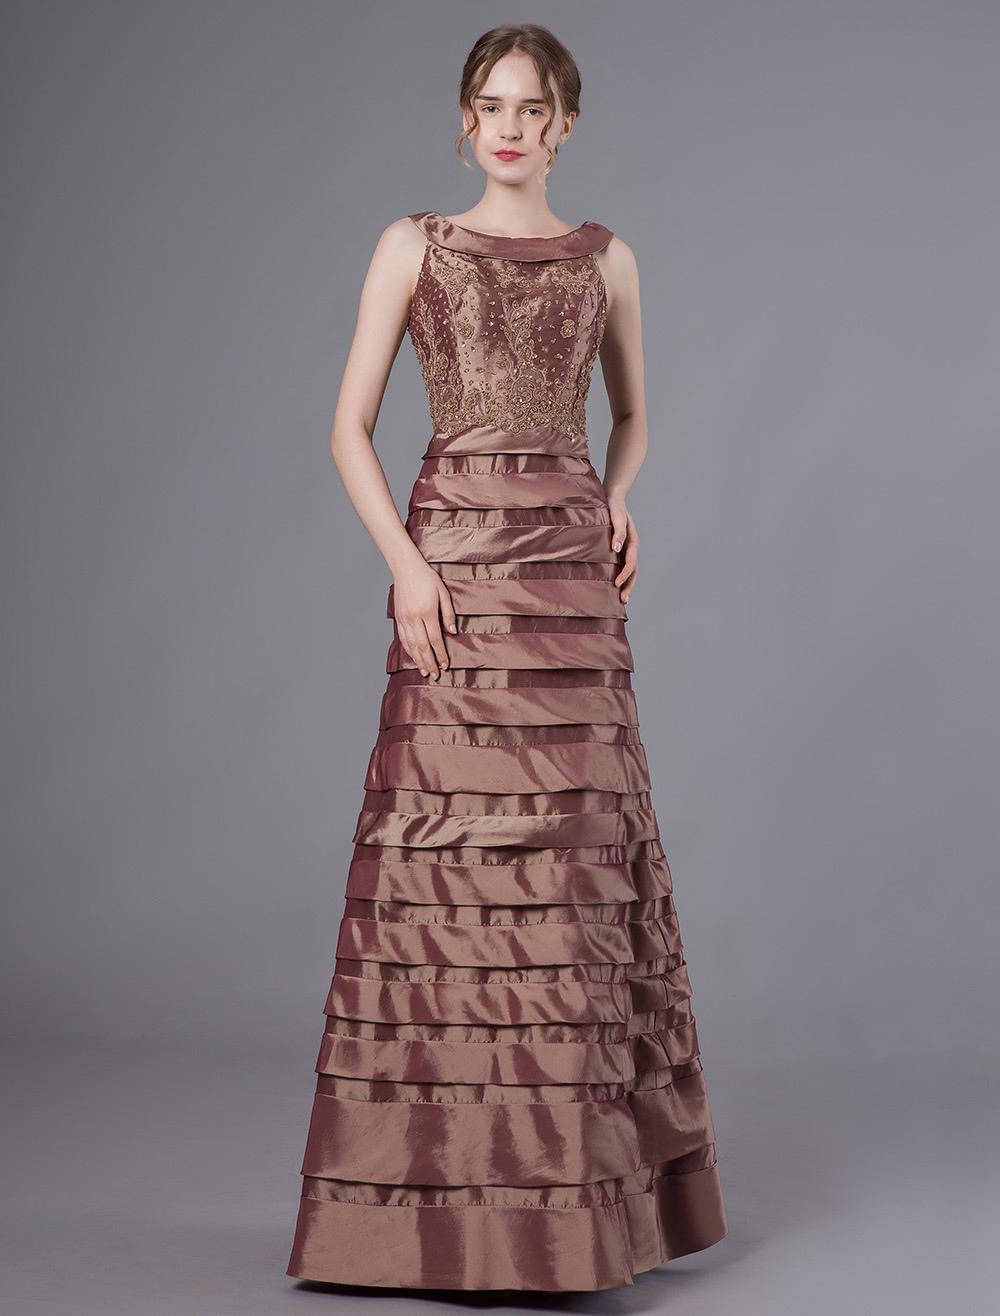 Abendkleider mit Rundkragen Hochzeit ärmellos langes Abendkleid Braun  Formelle Kleider Taft A-Linie- und Reißverschluss bodenlang stufig